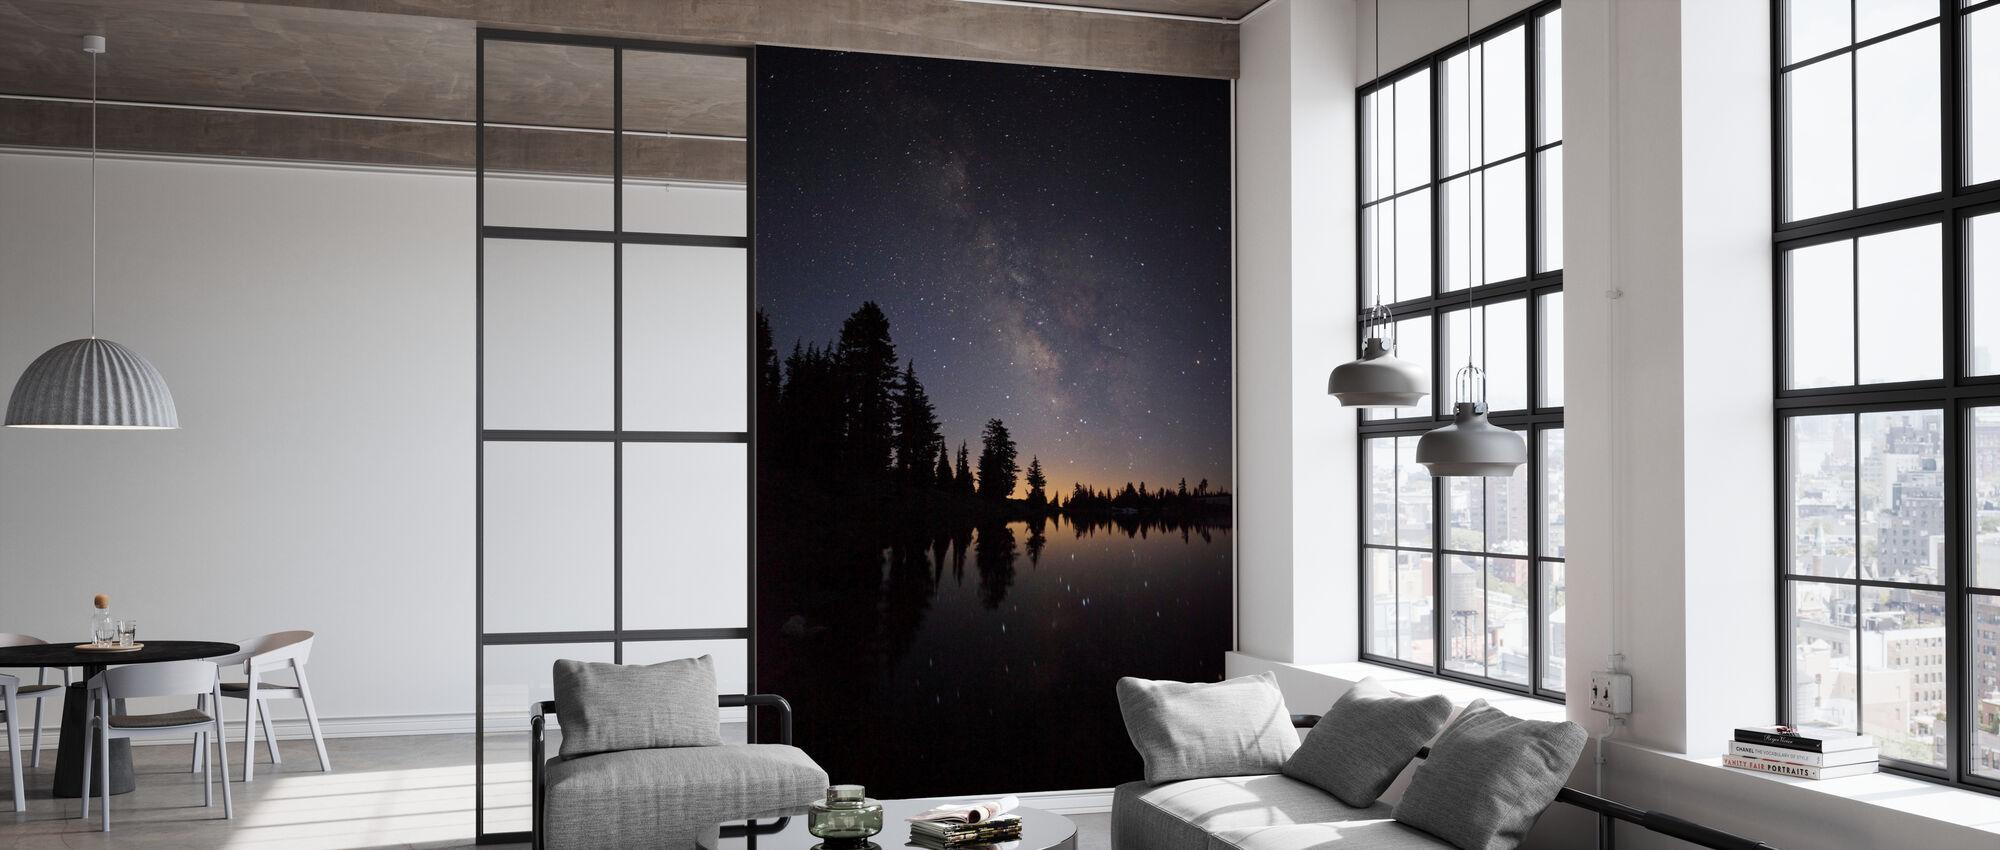 Star Lake - Wallpaper - Office